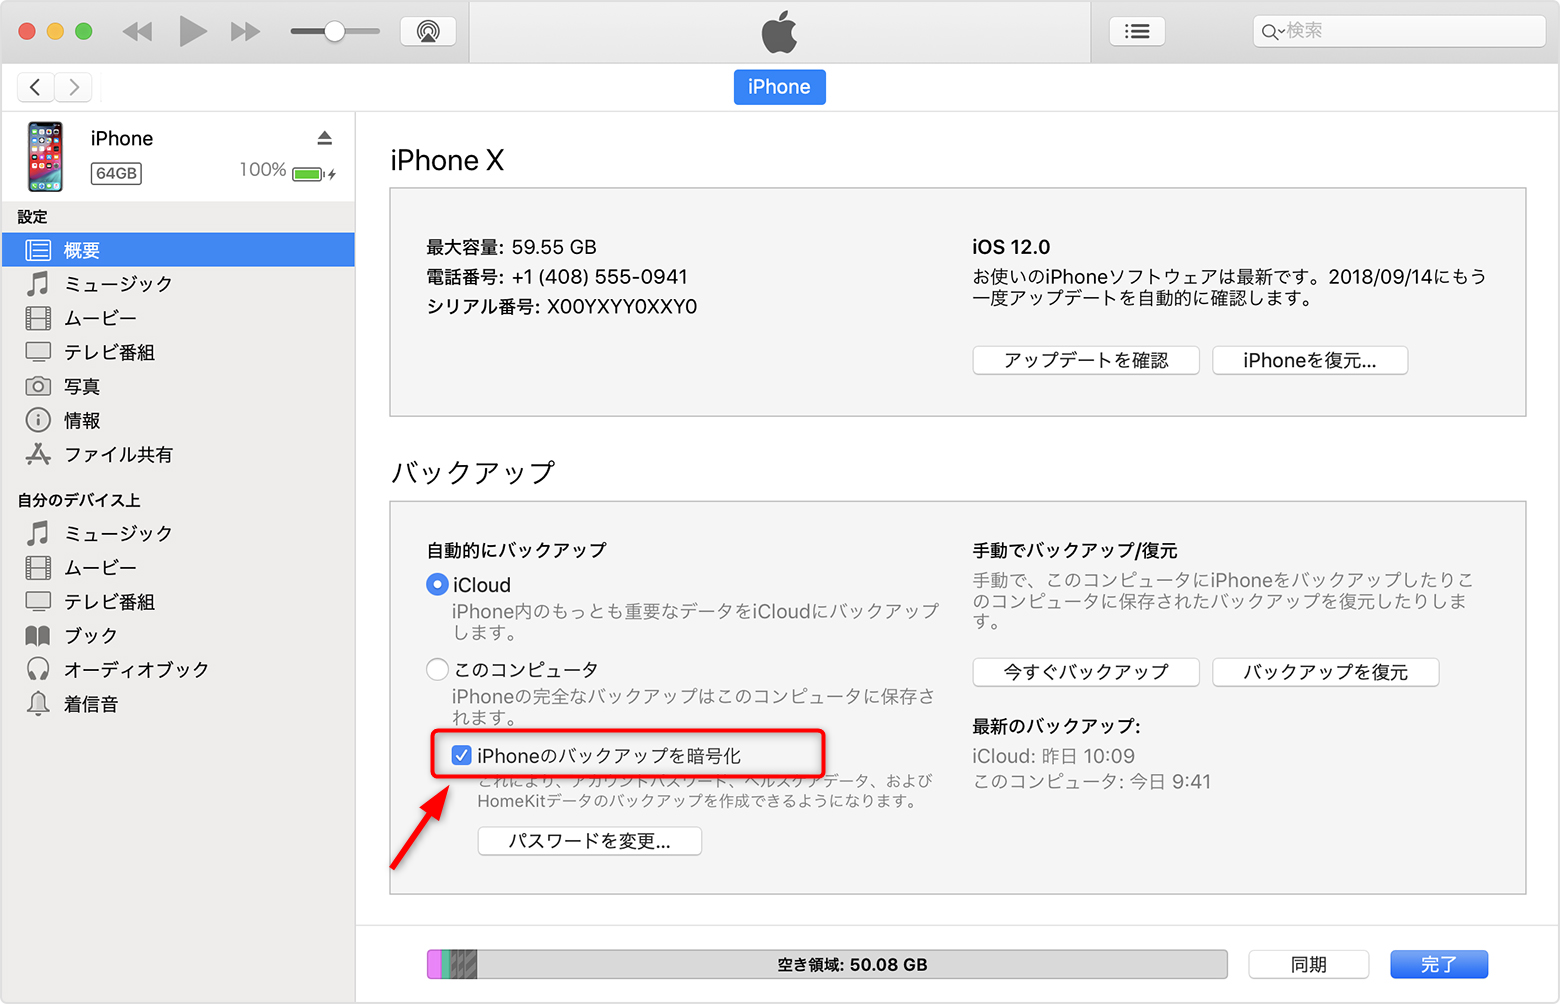 iTunesのバックアップの暗号化を無効にする方法 2